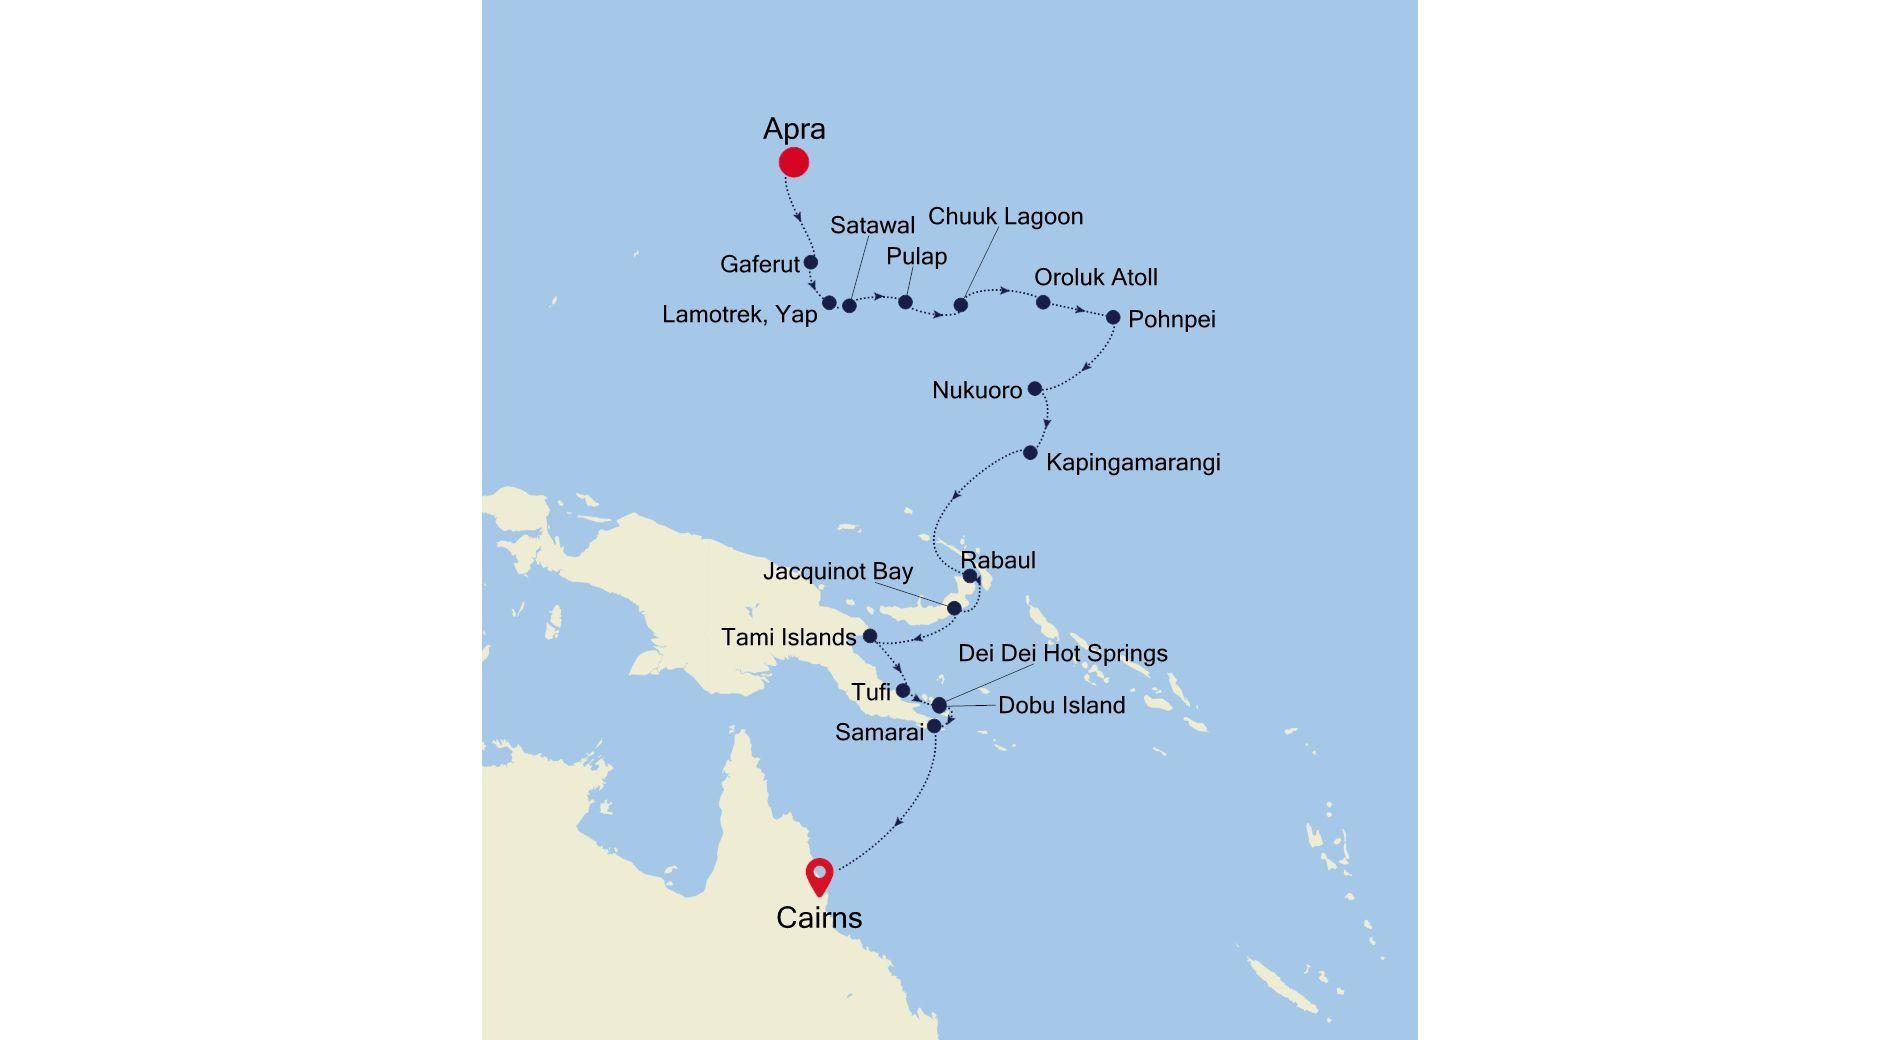 E1210409019 - Apra nach Cairns